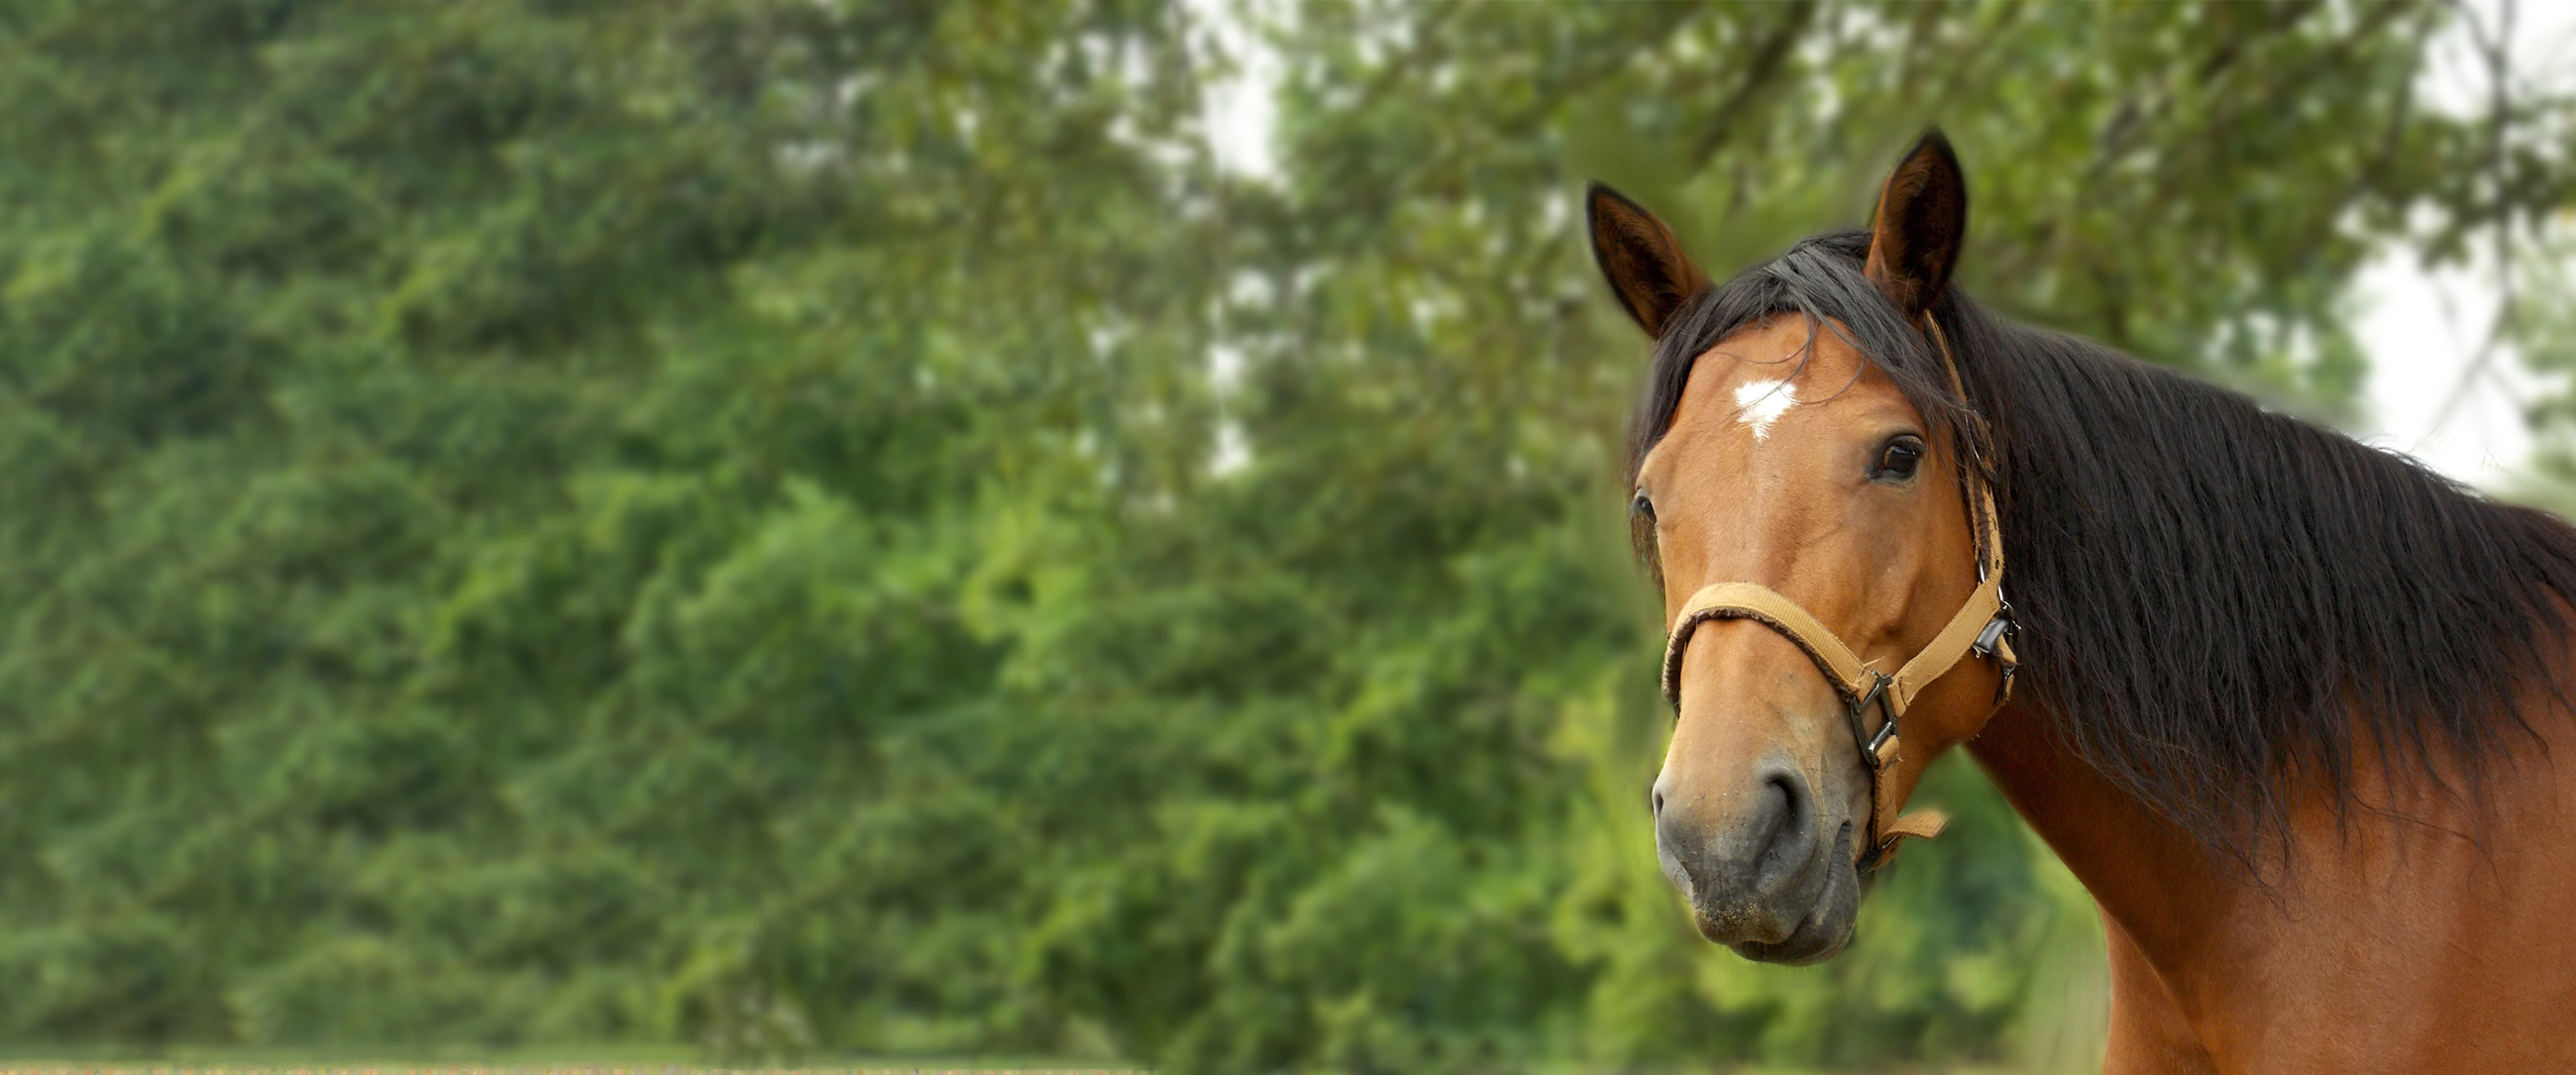 Equine Dermatology Case Studies Part 3 – Page